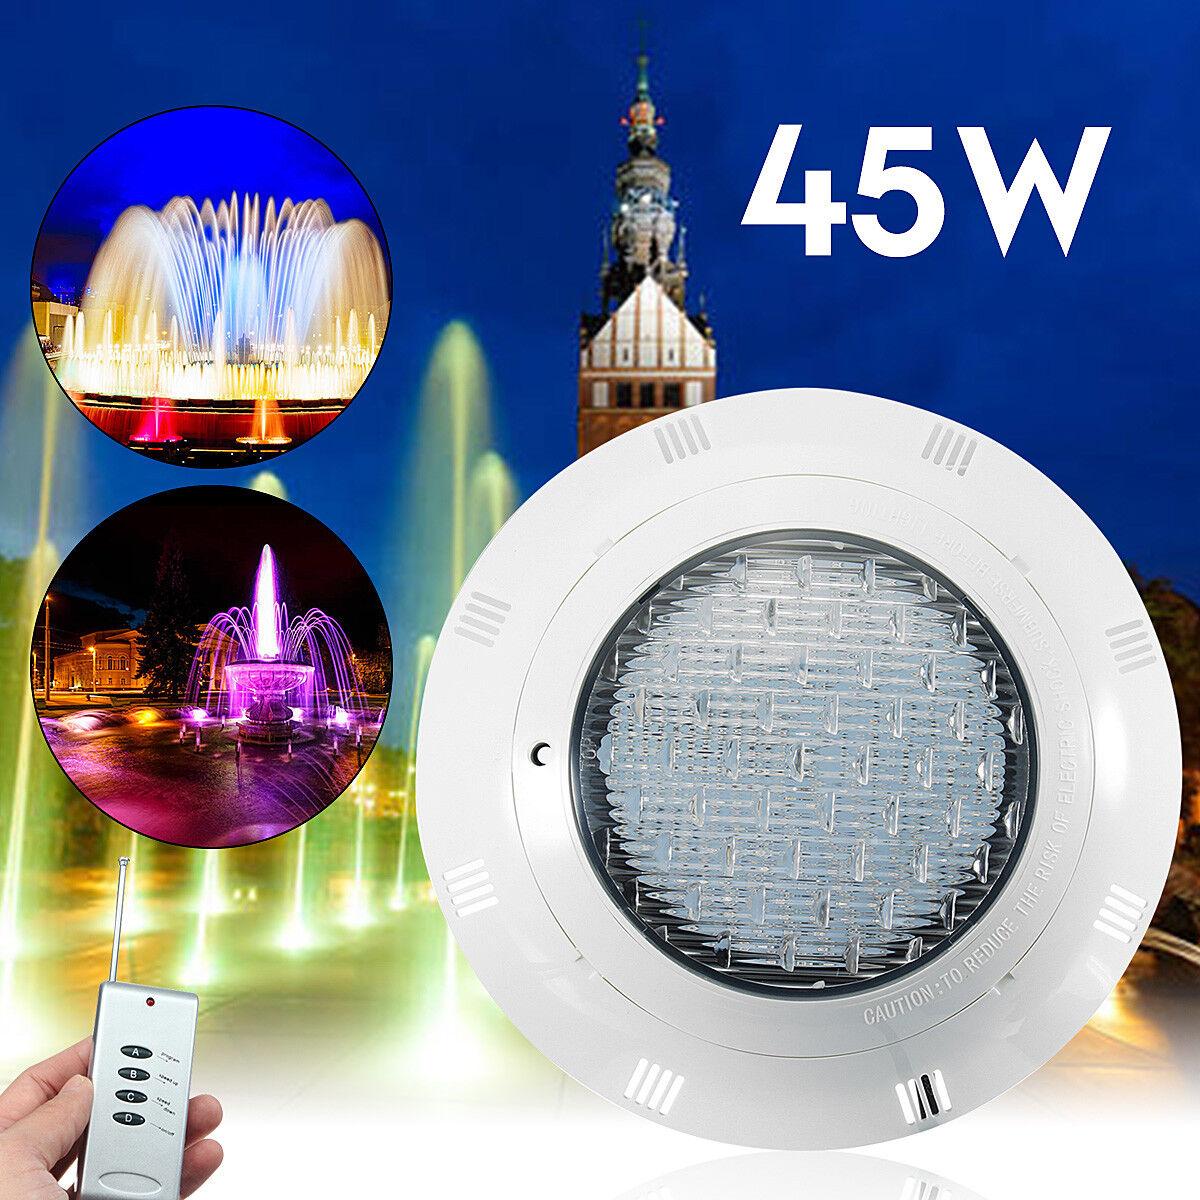 12 V 45 W LED RGB luz bajo el agua piscina montado en la parojo con Control Remoto